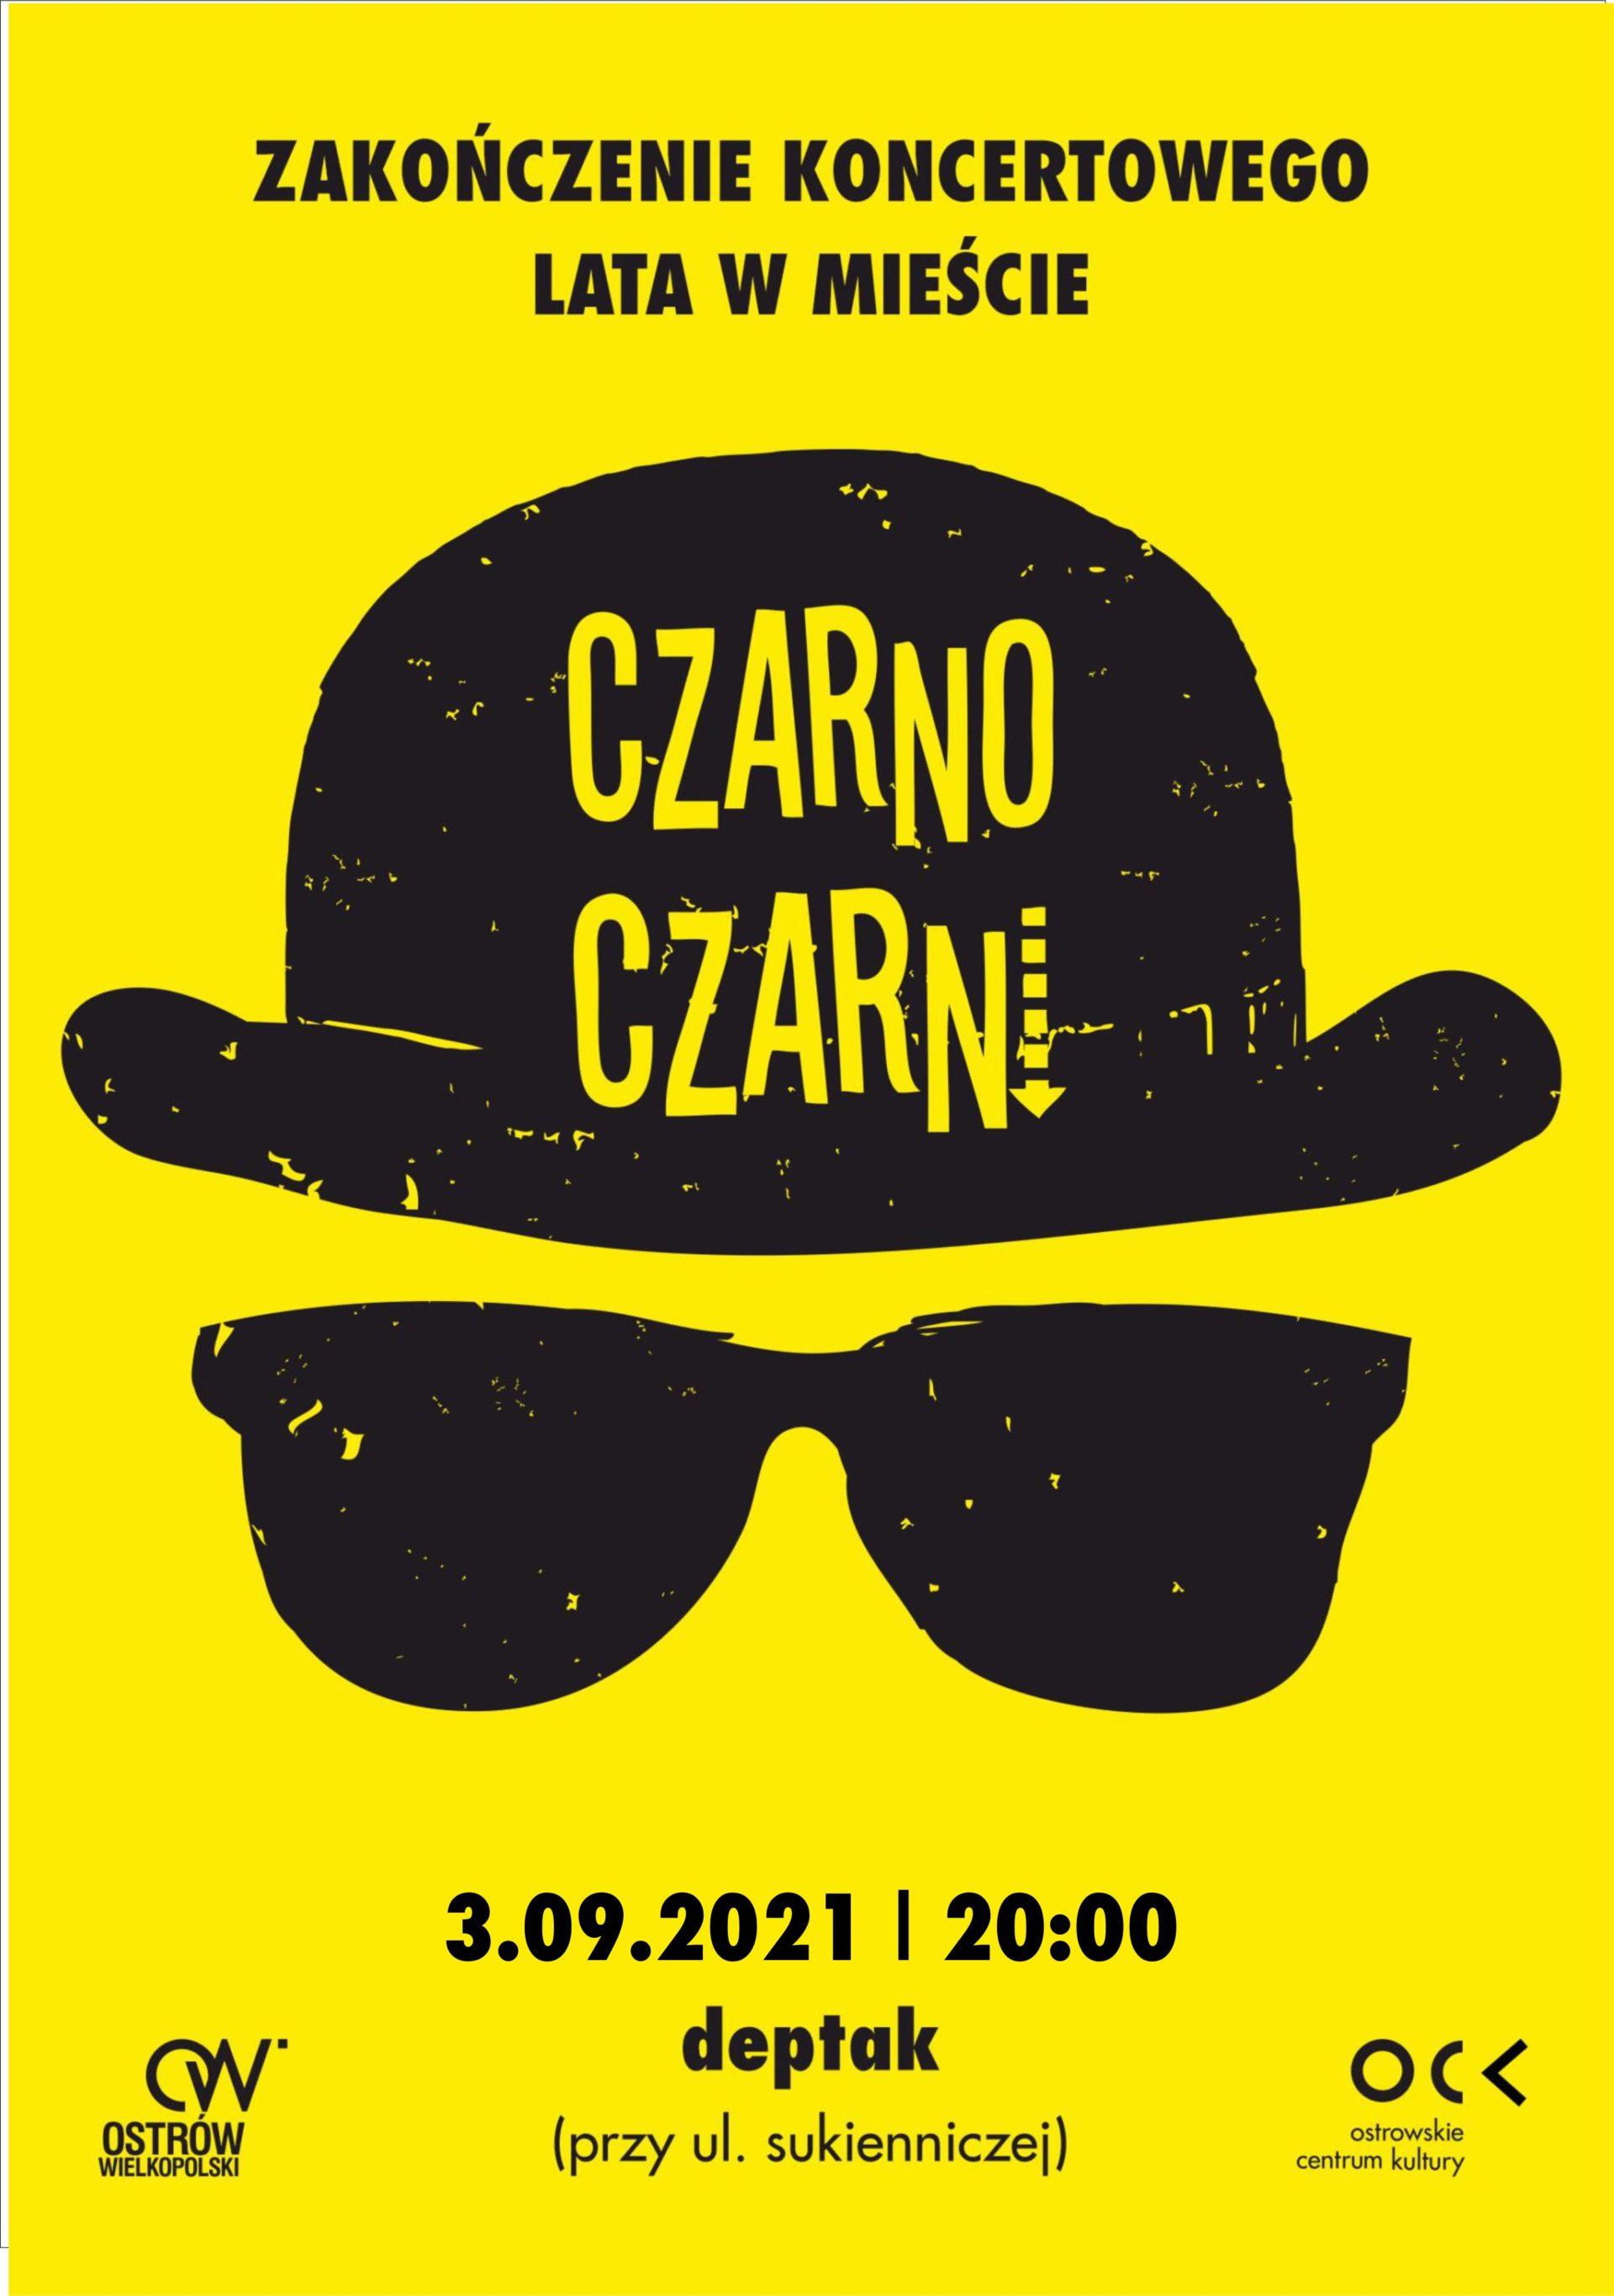 Czarno Czarni   Zakończenie koncertowego lata w mieście